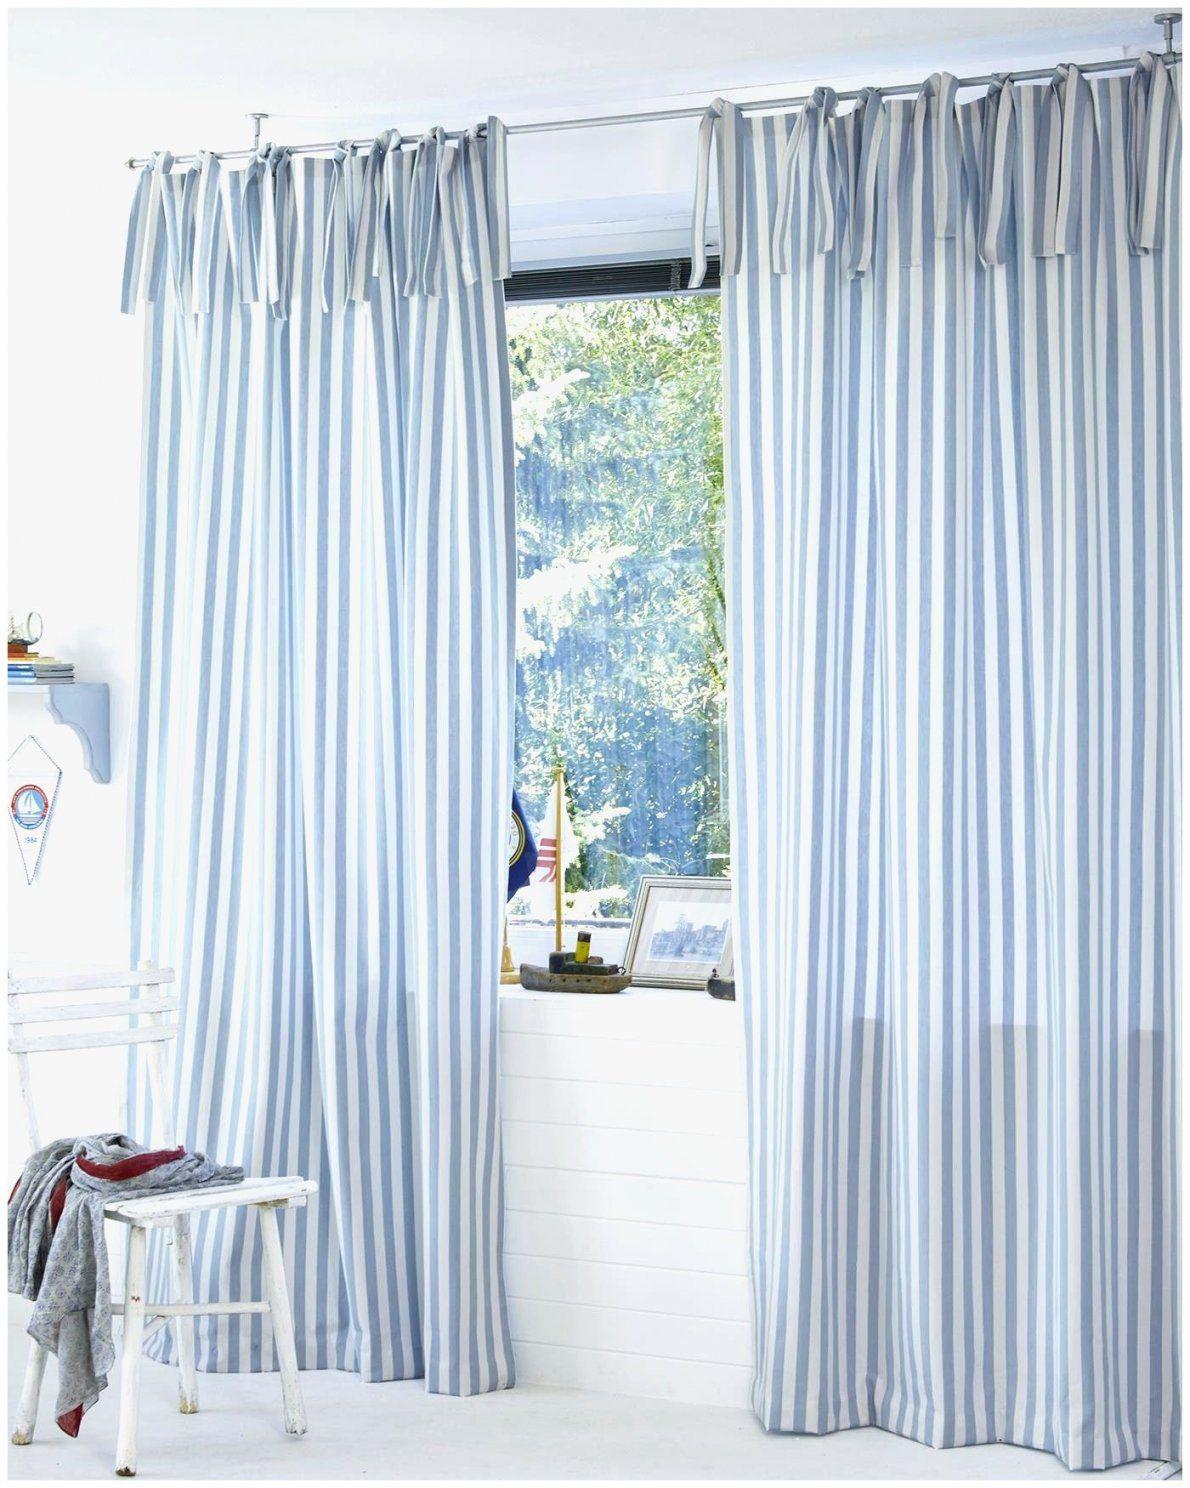 erstaunlich gardinen rot wei gestreift sammlung von gardinen von vorhang grau wei gestreift